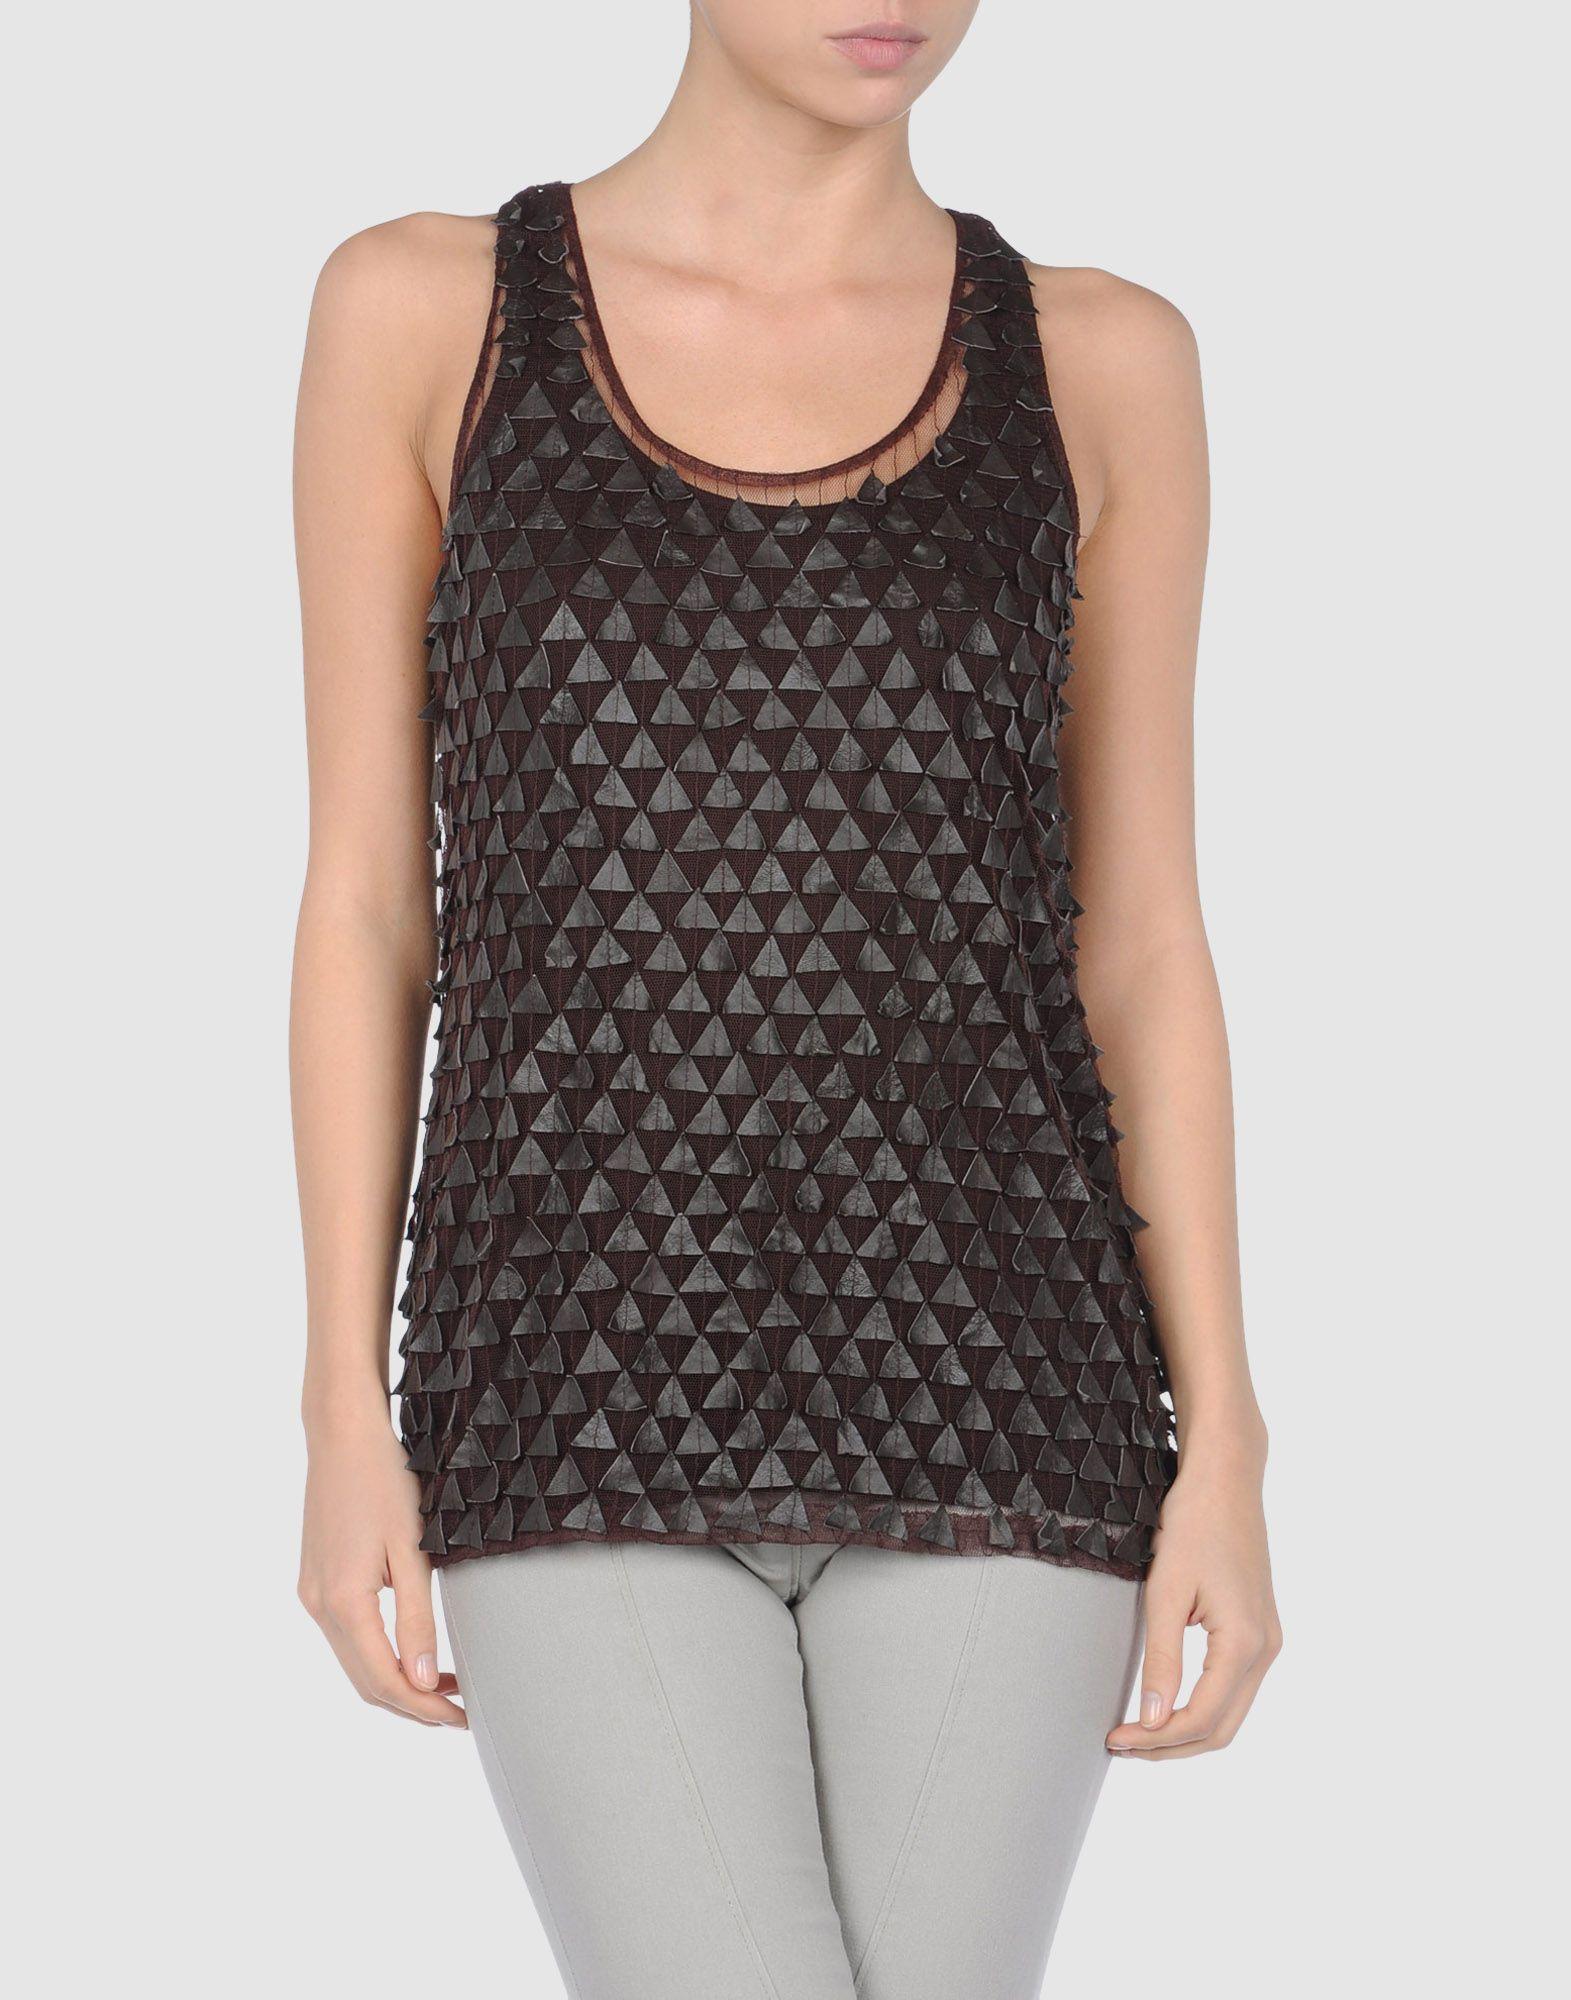 BLANK Mujer - Camisetas y tops - Top BLANK en YOOX